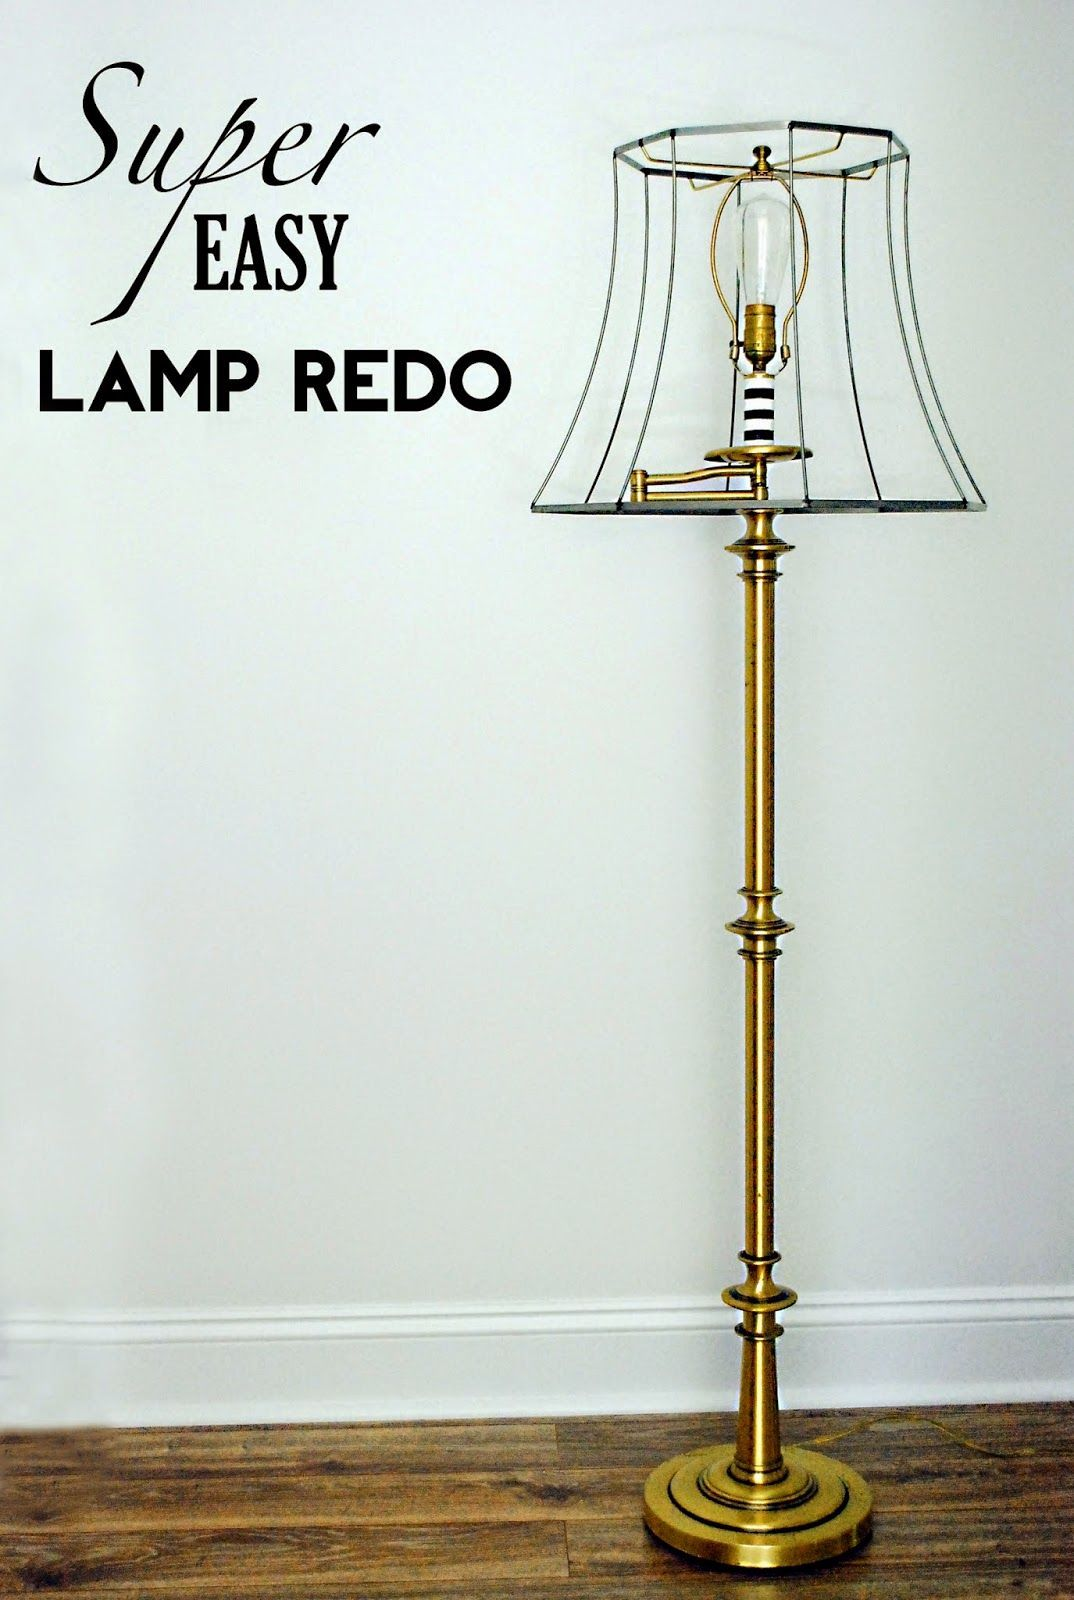 Refaire Un Abat Jour 101 diy lamp makeovers | lampadaire diy, lampadaire